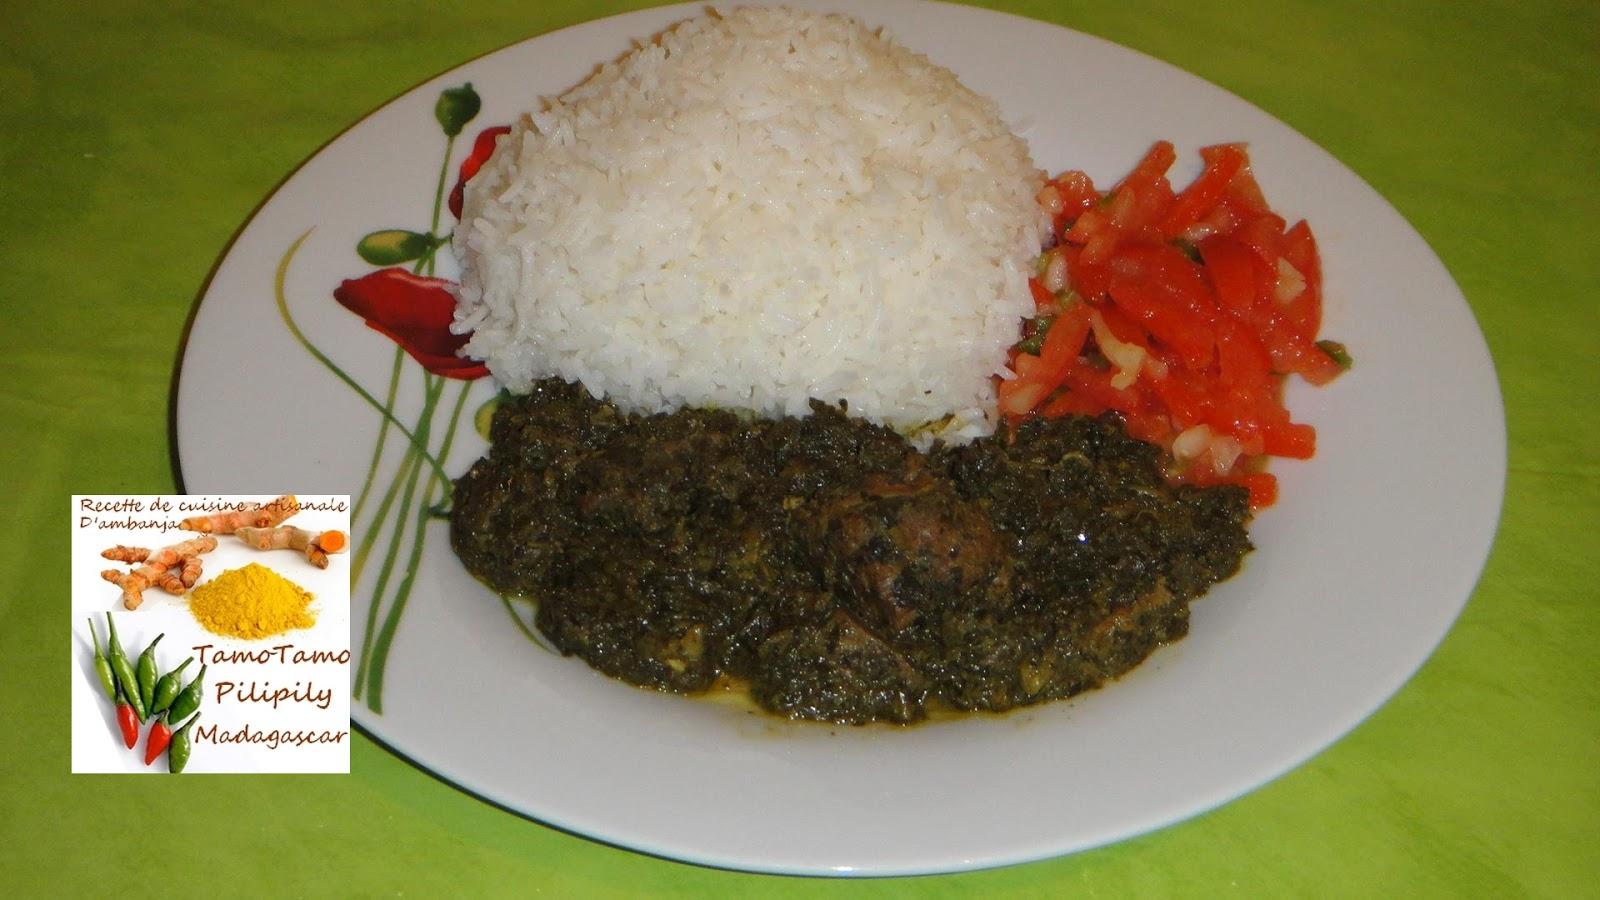 Cuisine artisanale d 39 ambanja madagascar les feuilles de manioc avec de la viande de b uf au - Feuille de cuisine ...